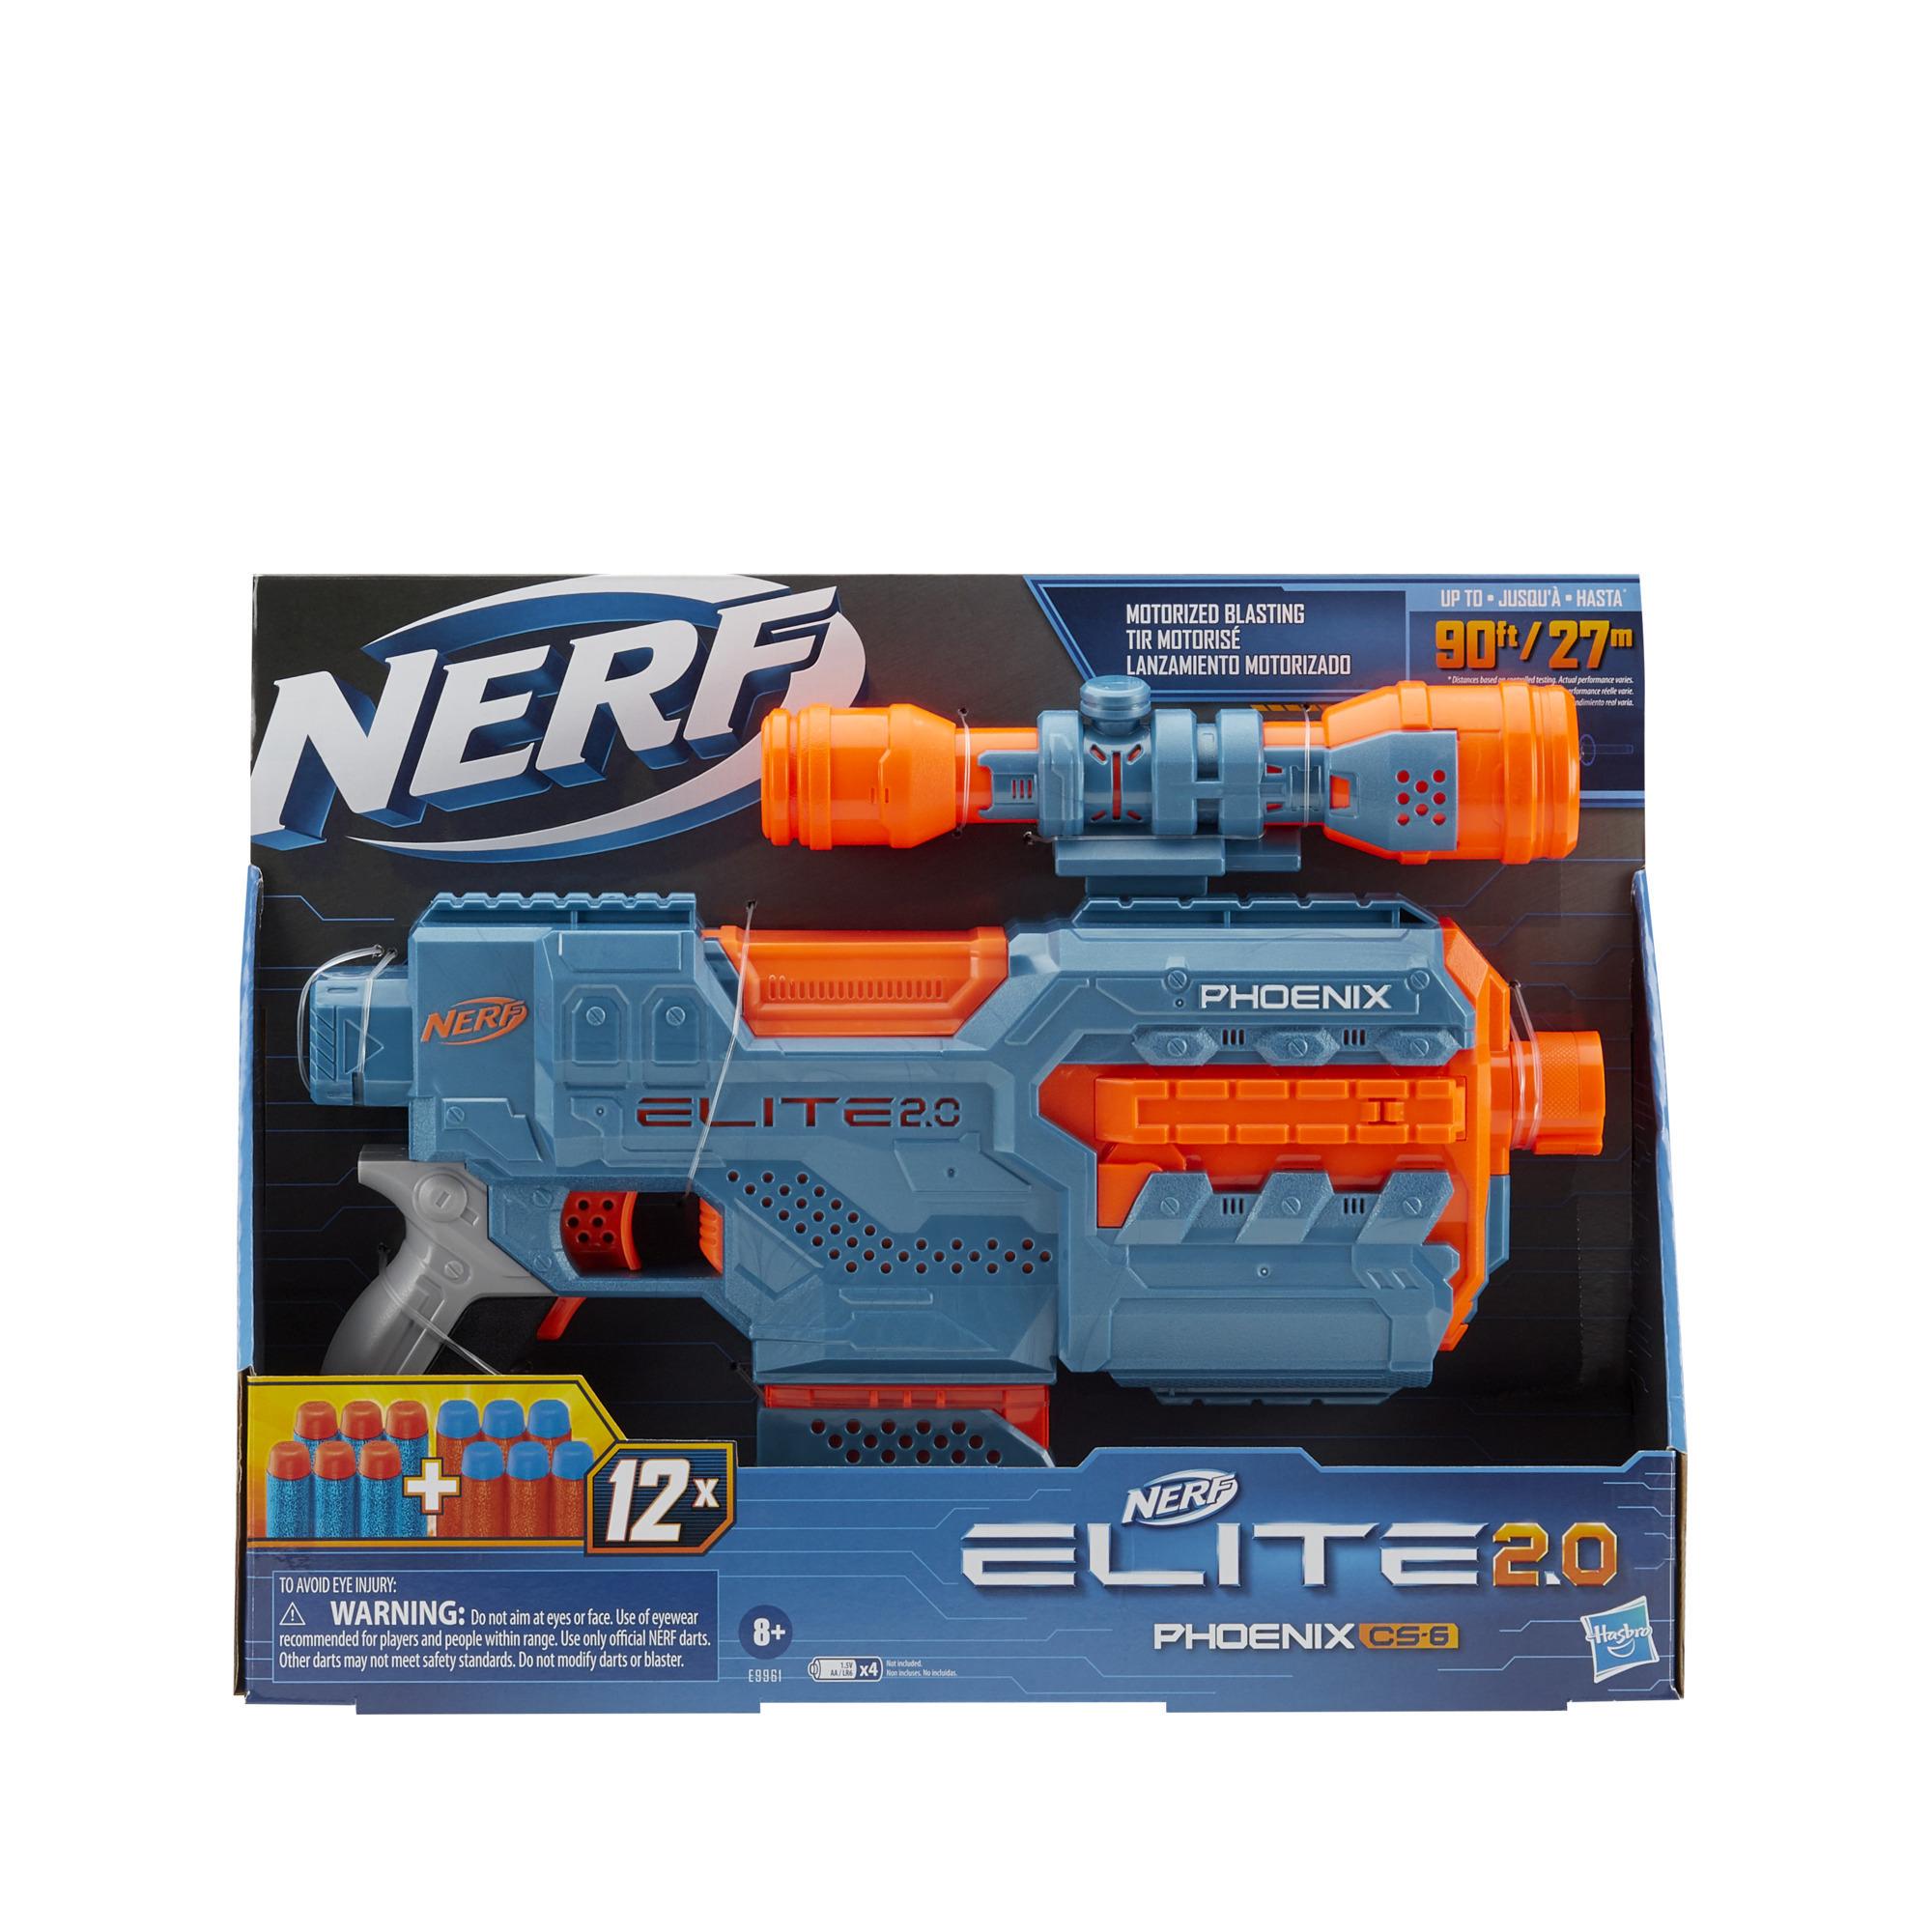 Nerf Elite 2.0 Phoenix CS-6 gépesített kilövő, 12eredeti Nerf lövedék, céltávcső, tár, beépített testreszabási lehetőségek